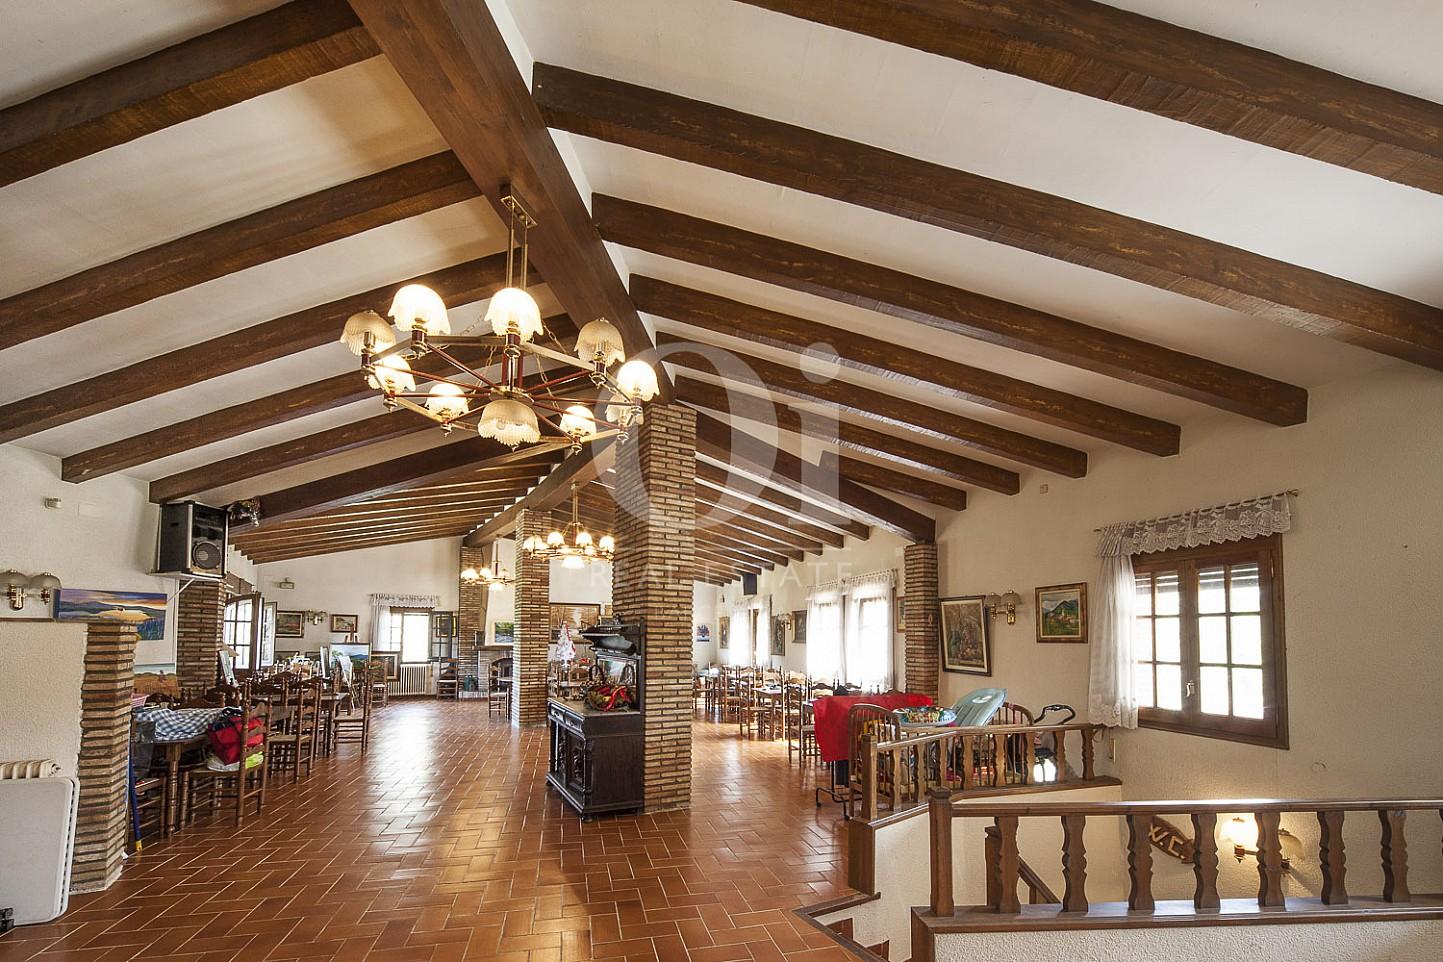 Salle de restaurant de maison en vente à Borrassà, alto Ampurdán, Gerona